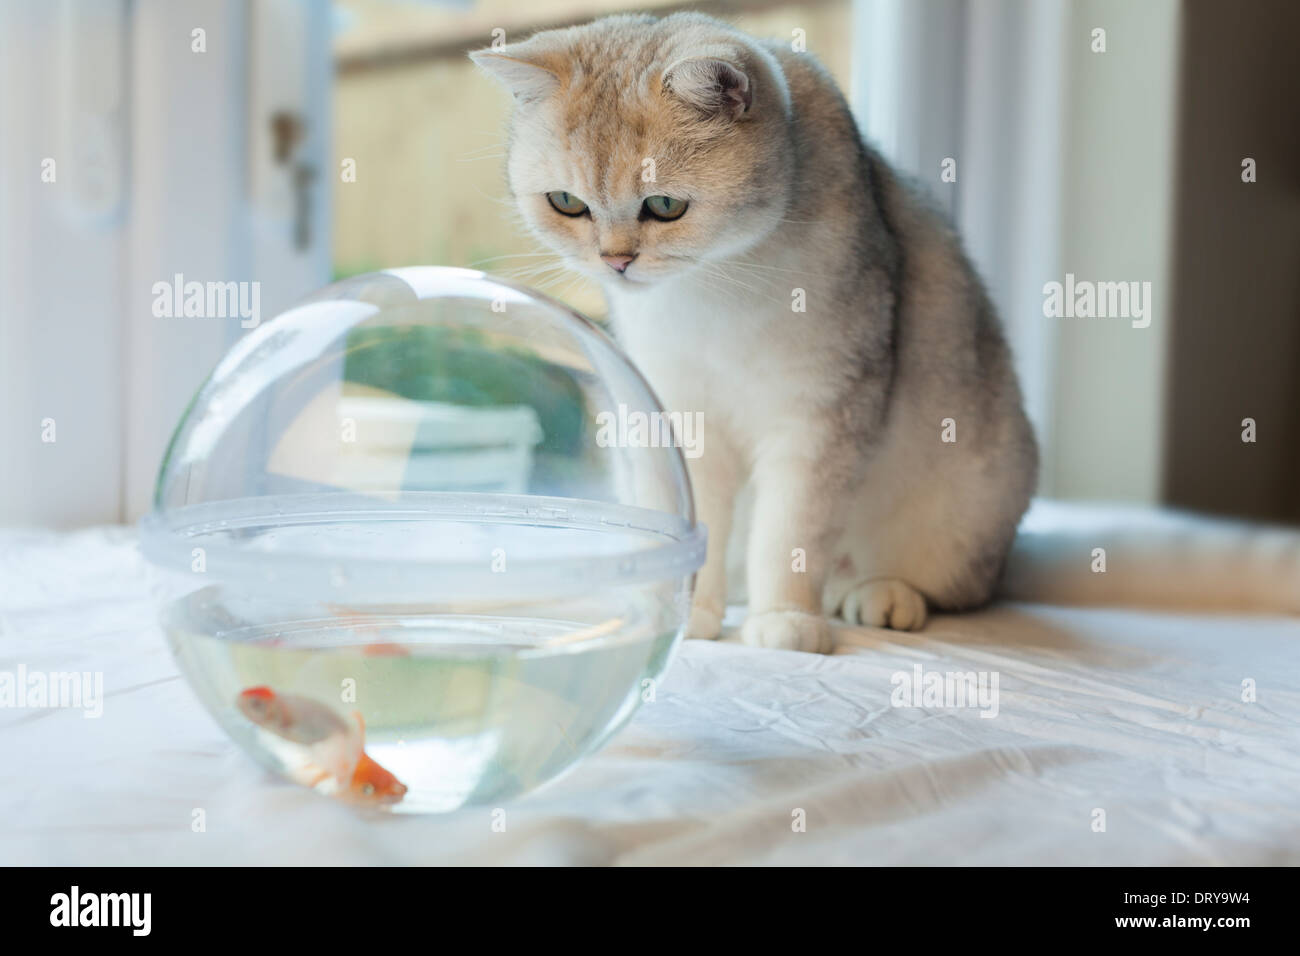 Gato Blanco hipnotizado por goldfish en una pecera Imagen De Stock